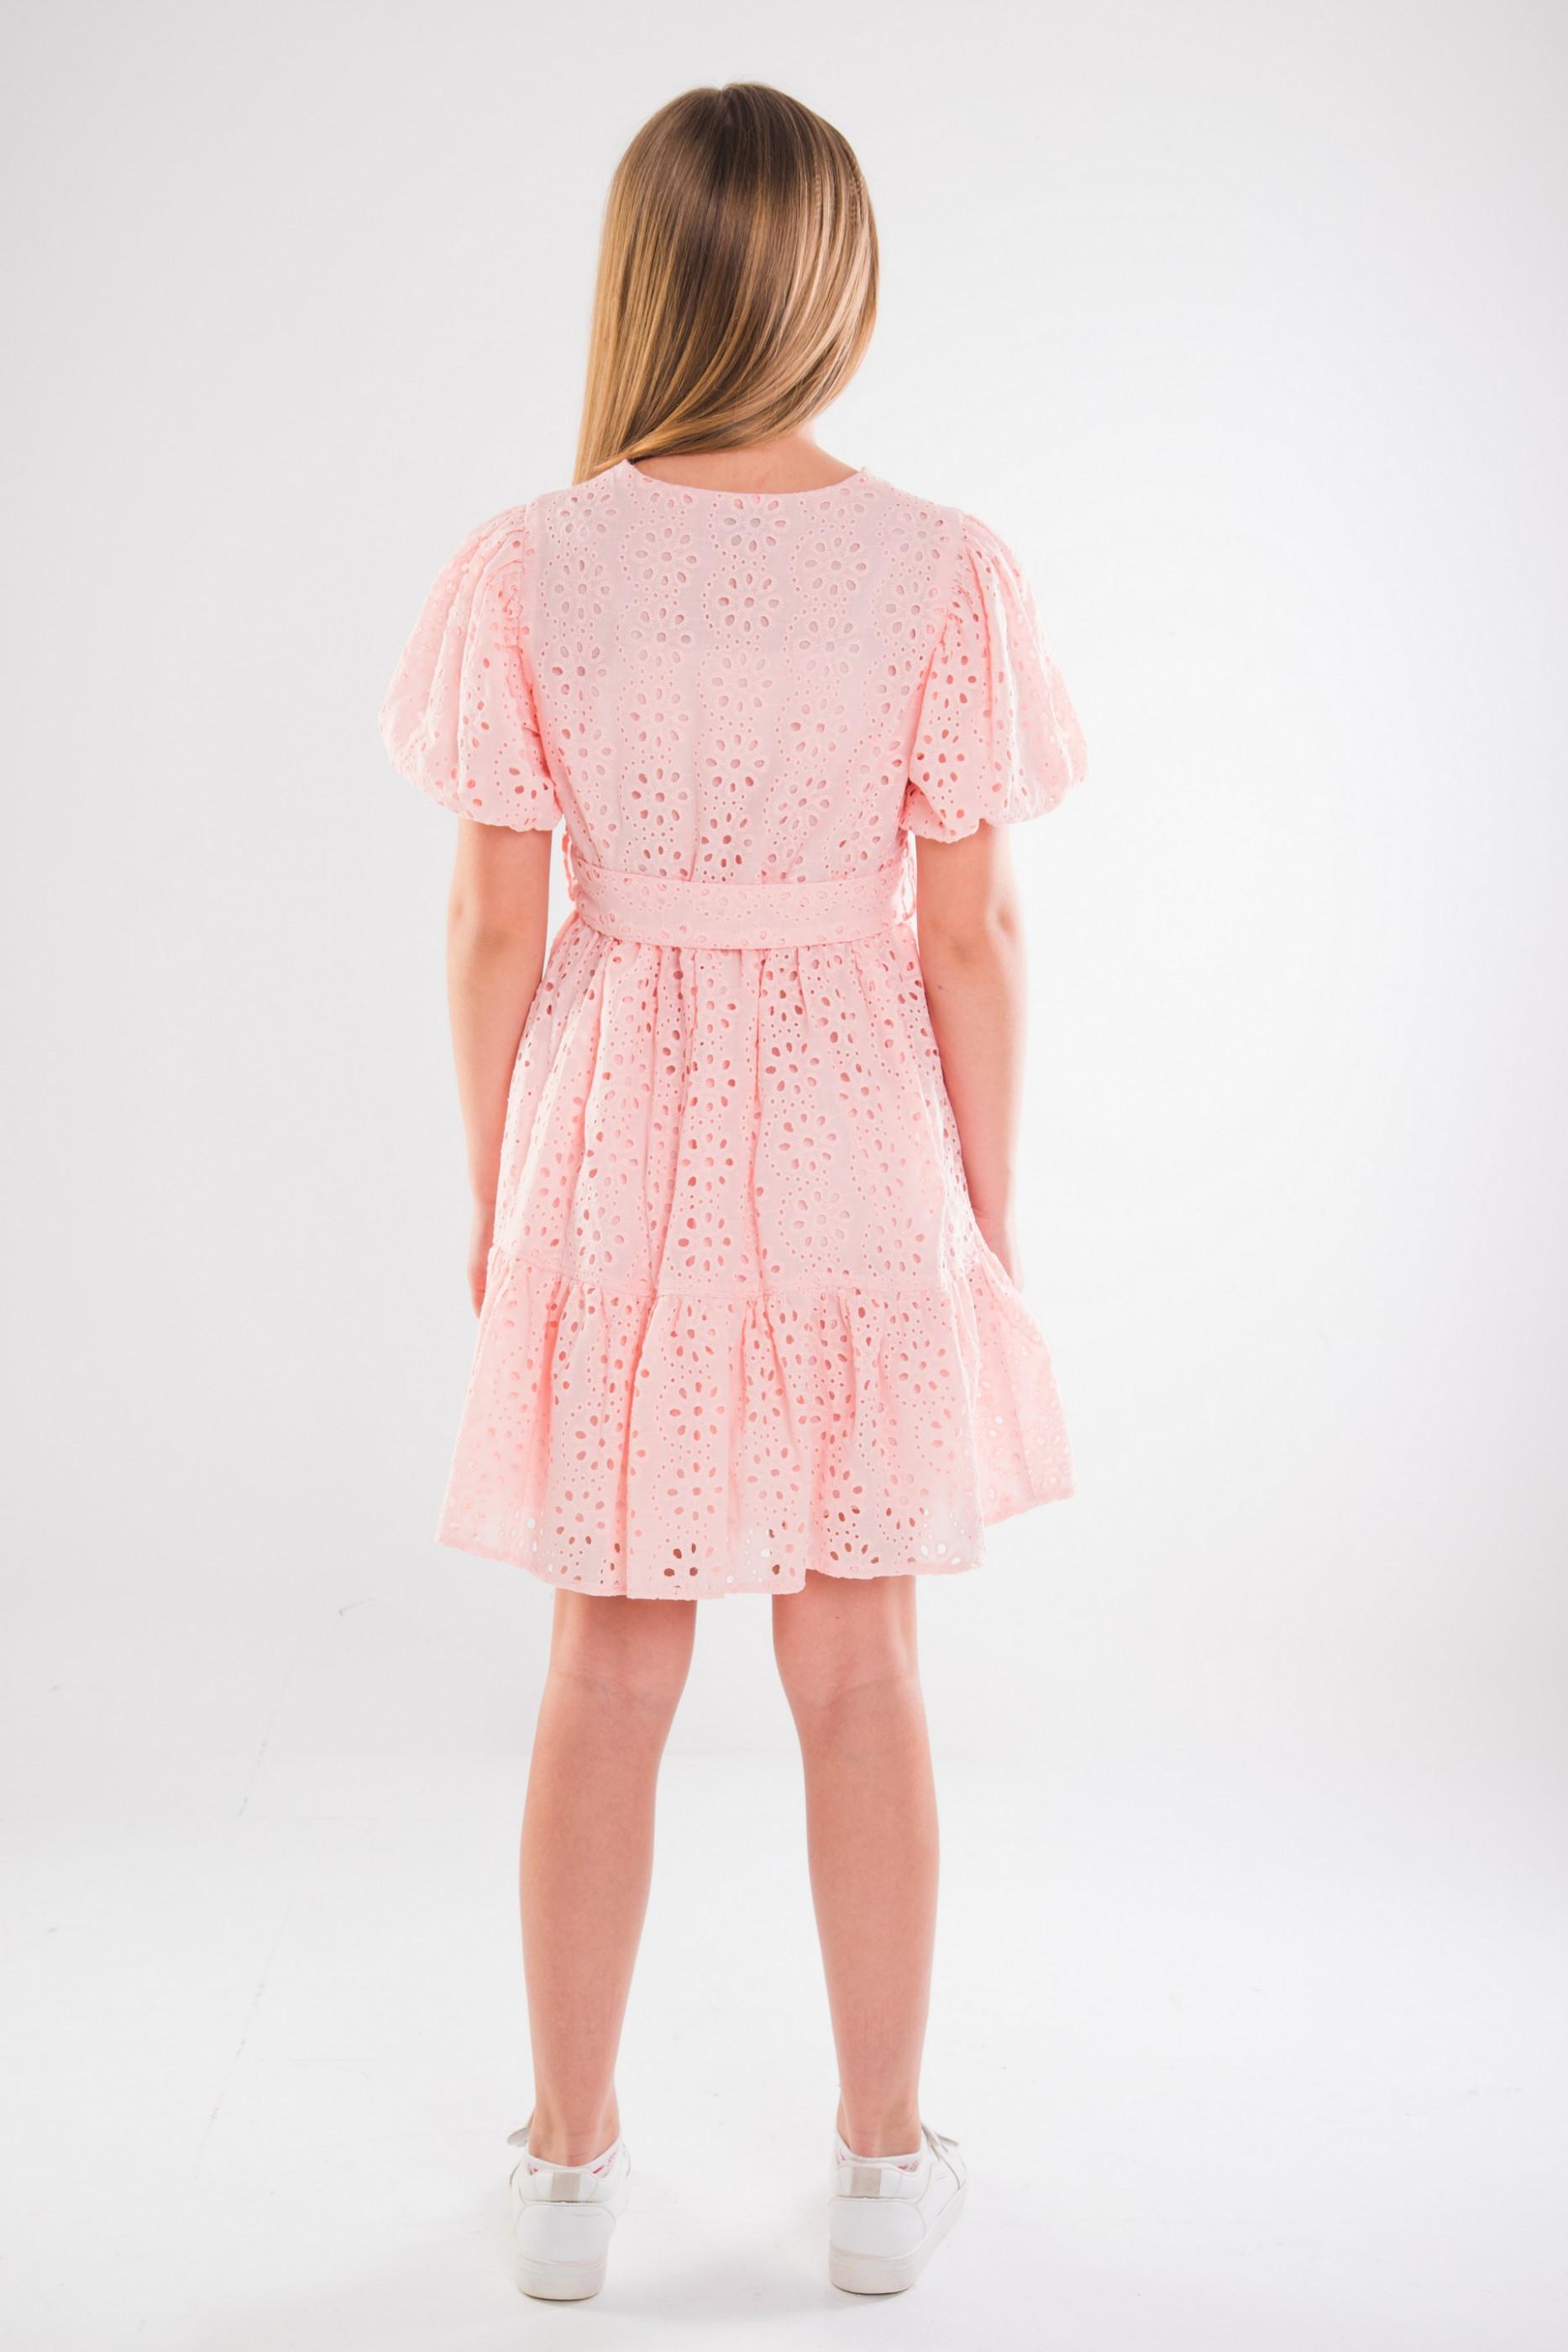 Плаття Марго, фото №3